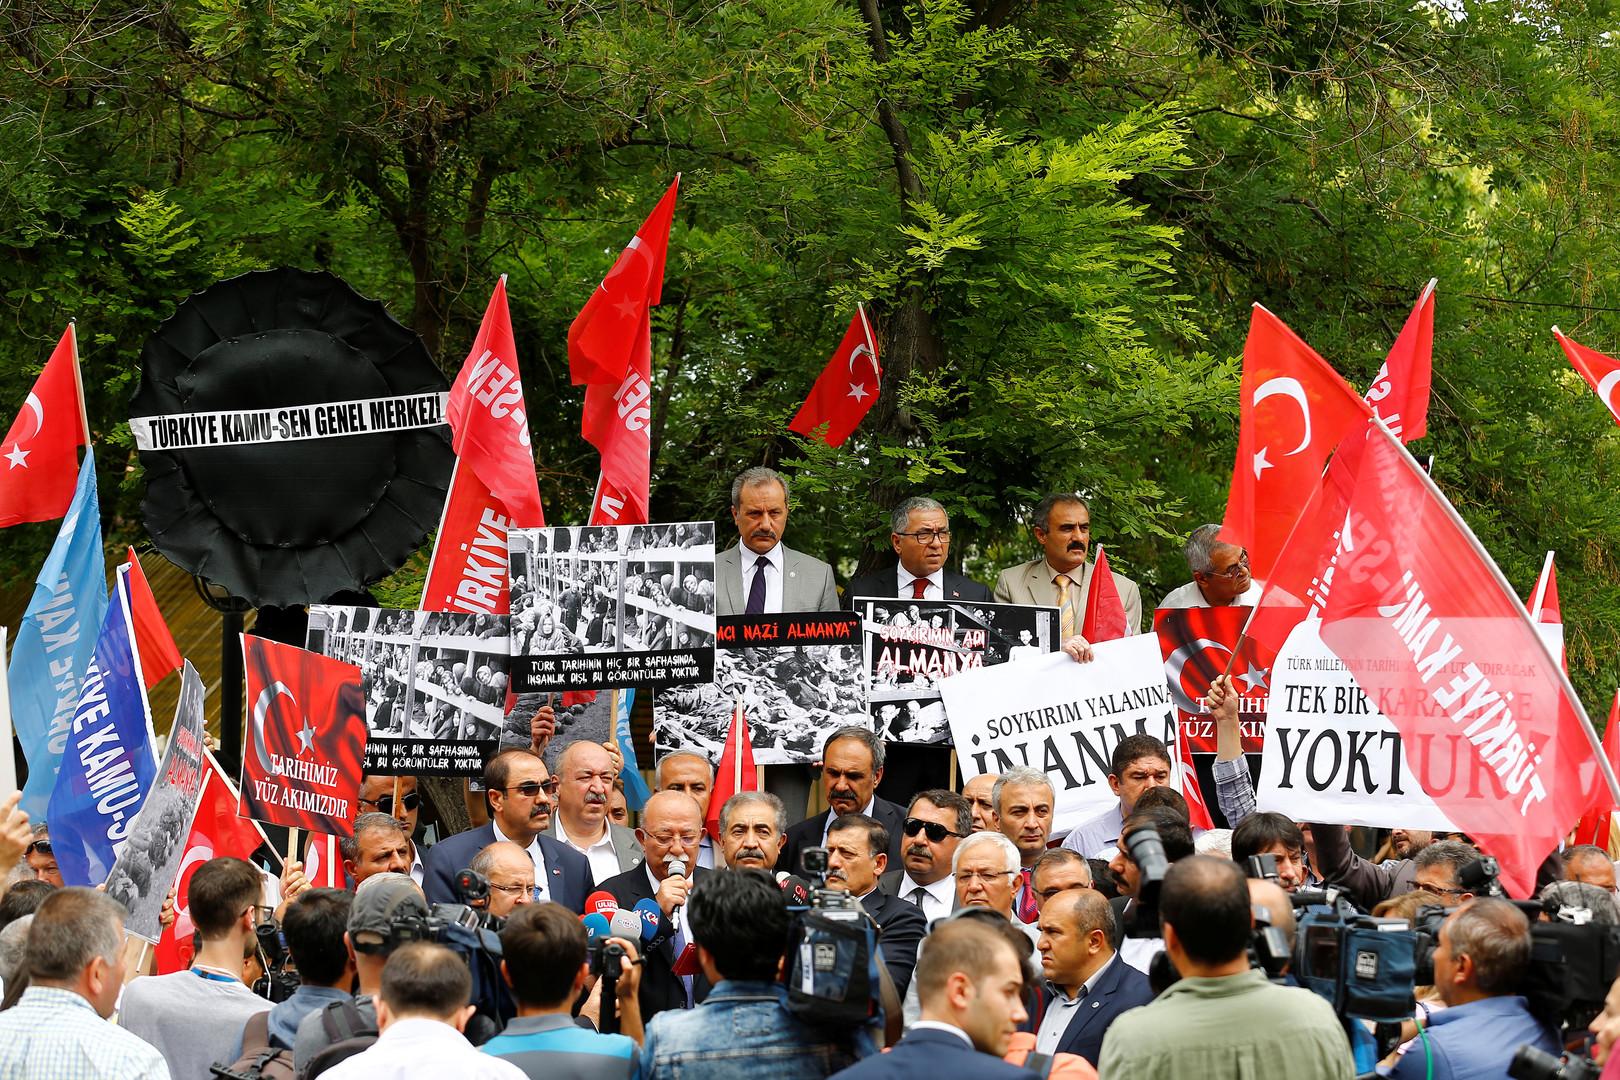 ПАСЕ: В Турции возникли угрозы для демократии